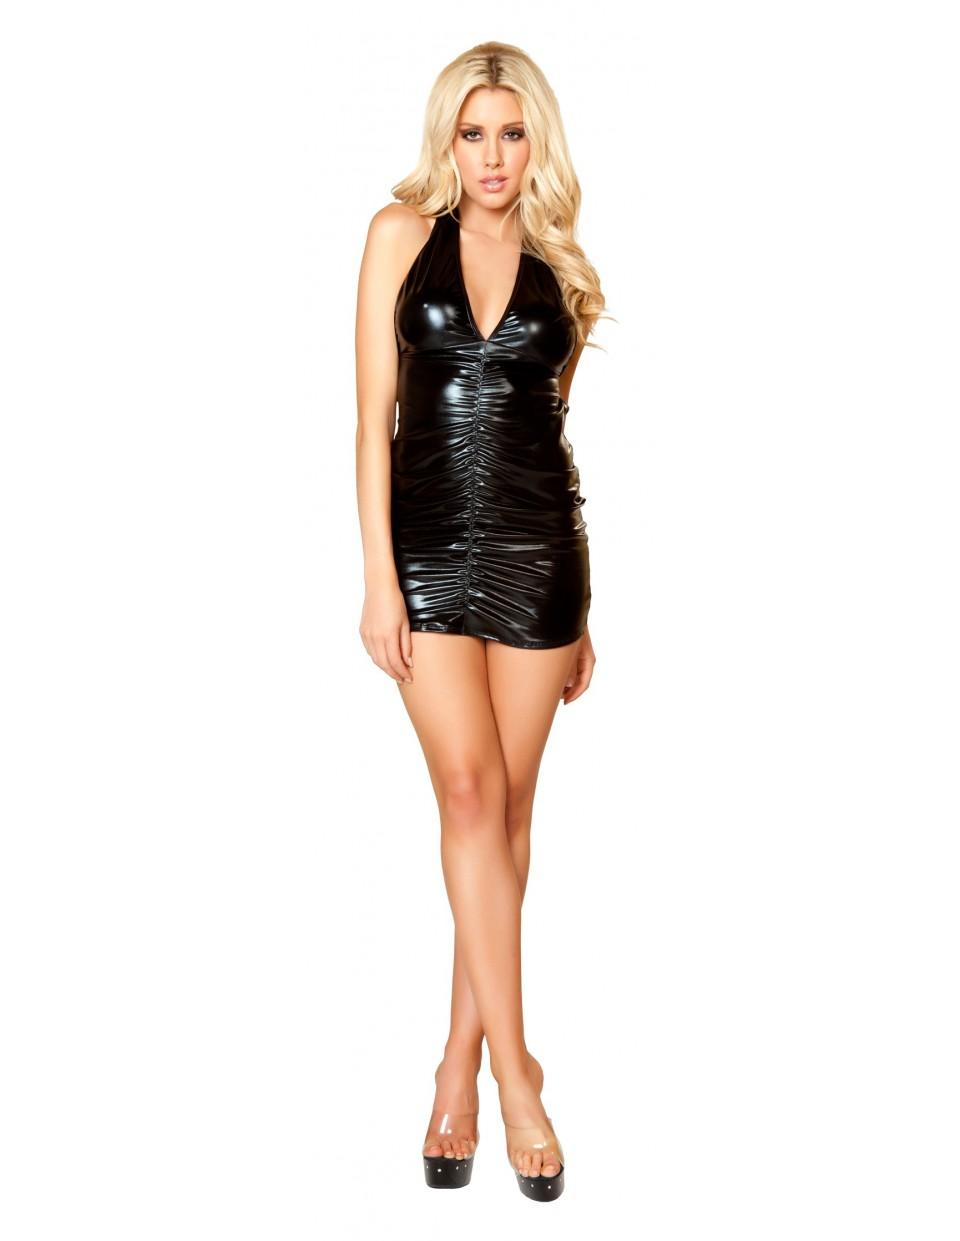 26150f84f7387 Galerimizde sizler için birbirinden farklı ve tasarım olarak oldukça farklı mini  elbise modelleri hazırladım. Galerimizi inceleyerek yeni sezon mini elbise  ...